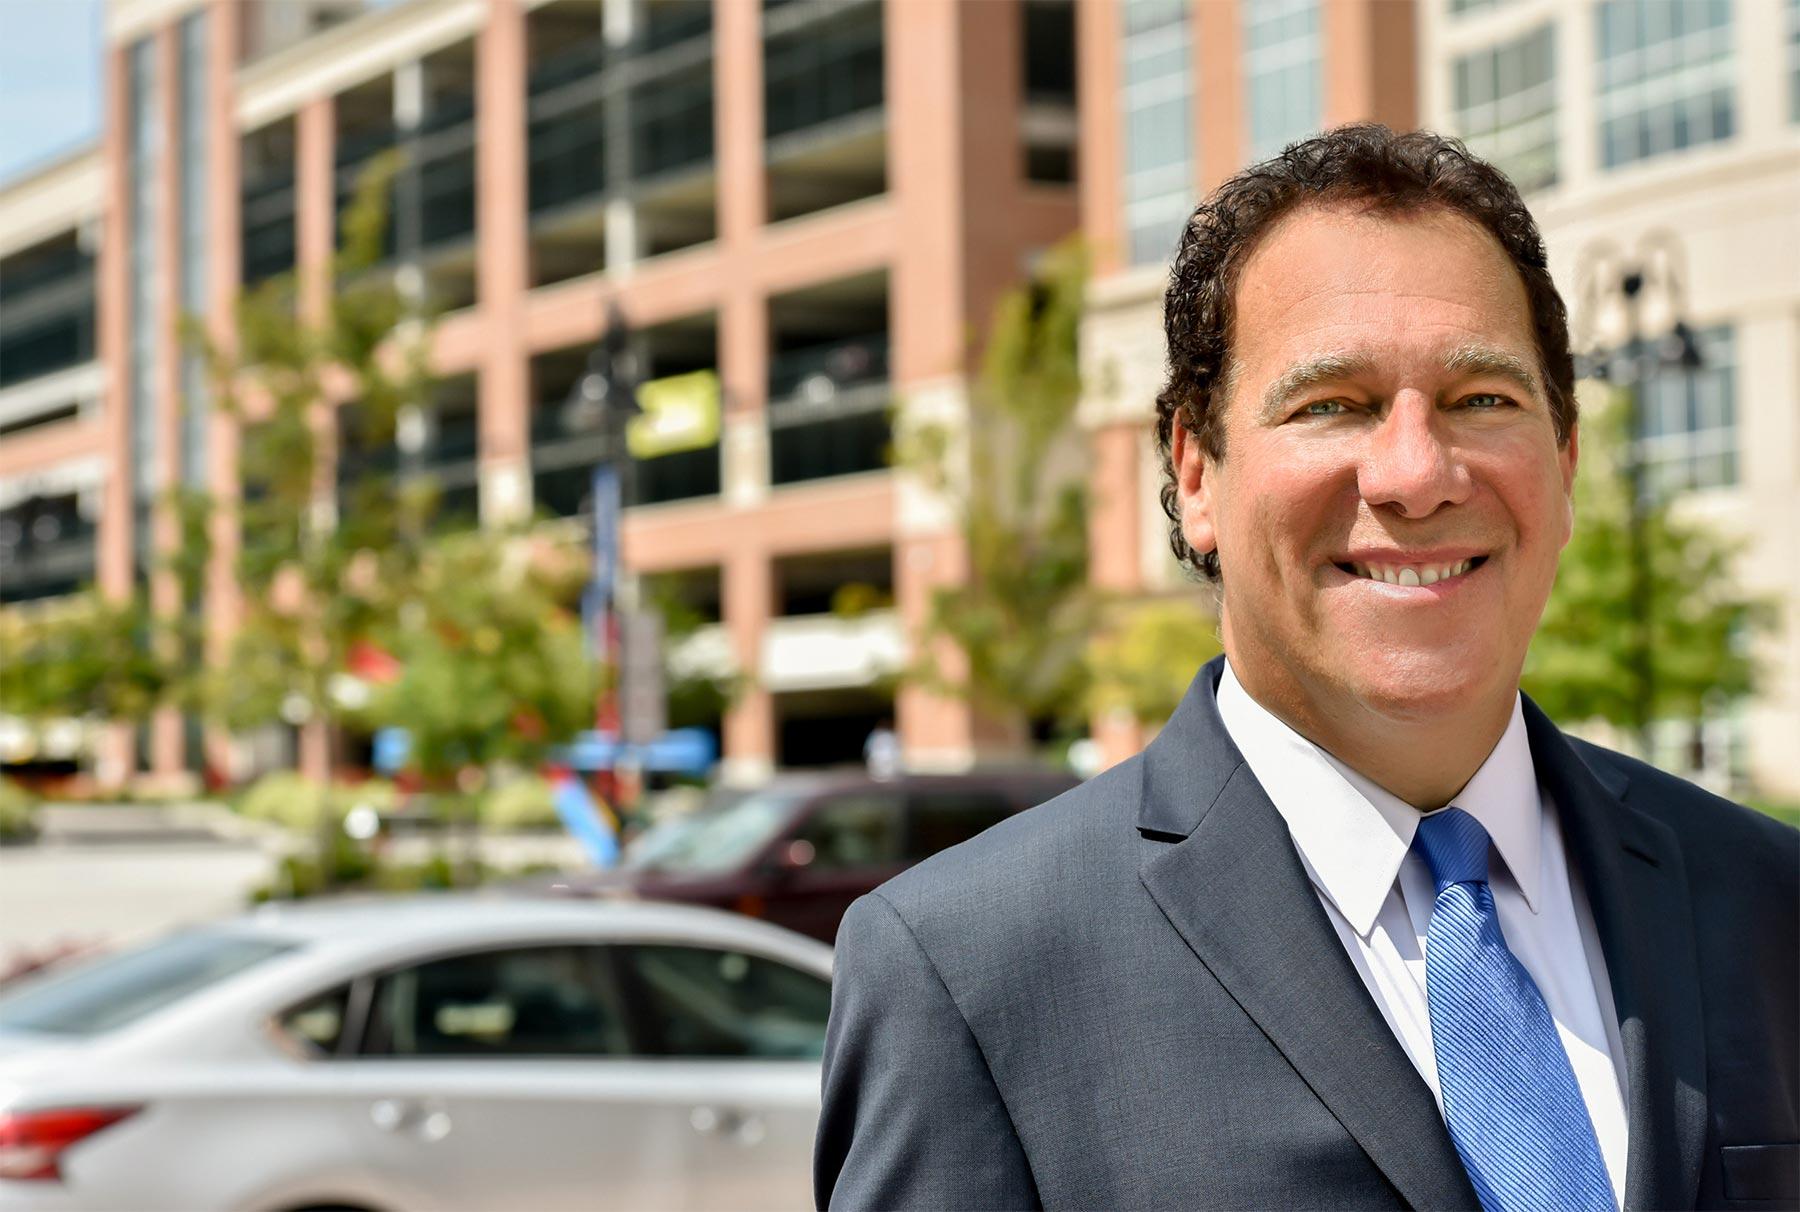 Kevin Kamenetz